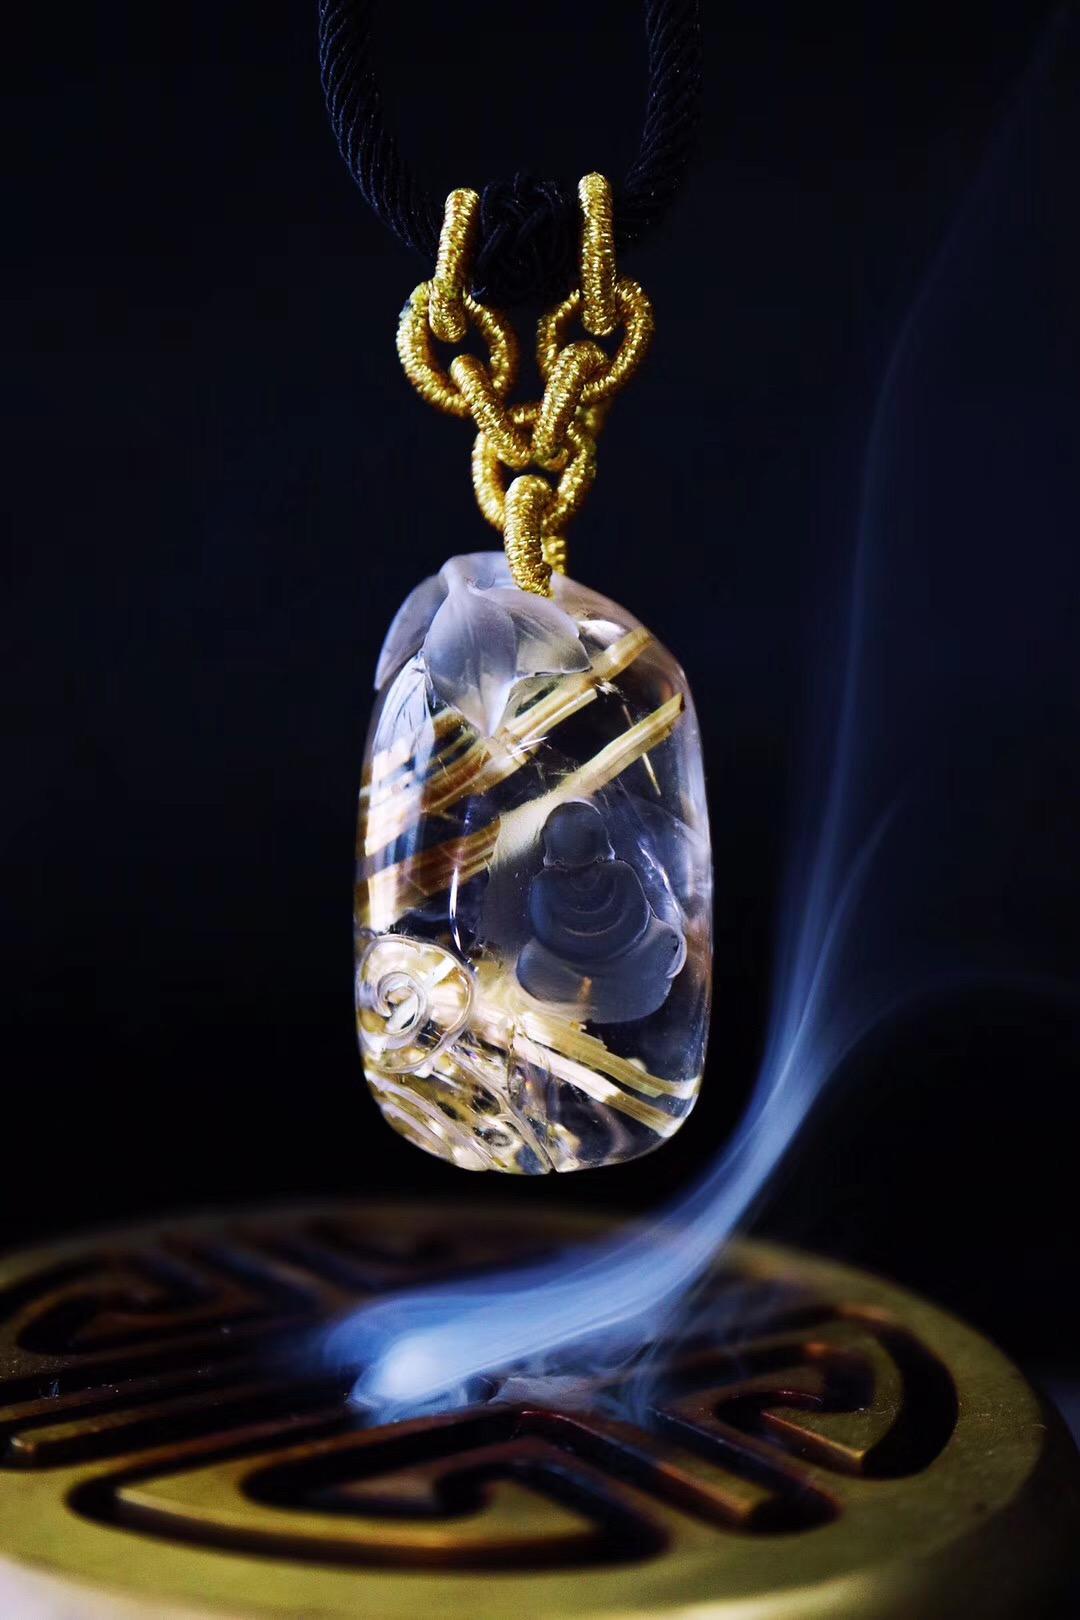 【菩心-钛晶】拥有如此意境的雕刻,甚是少见-菩心晶舍